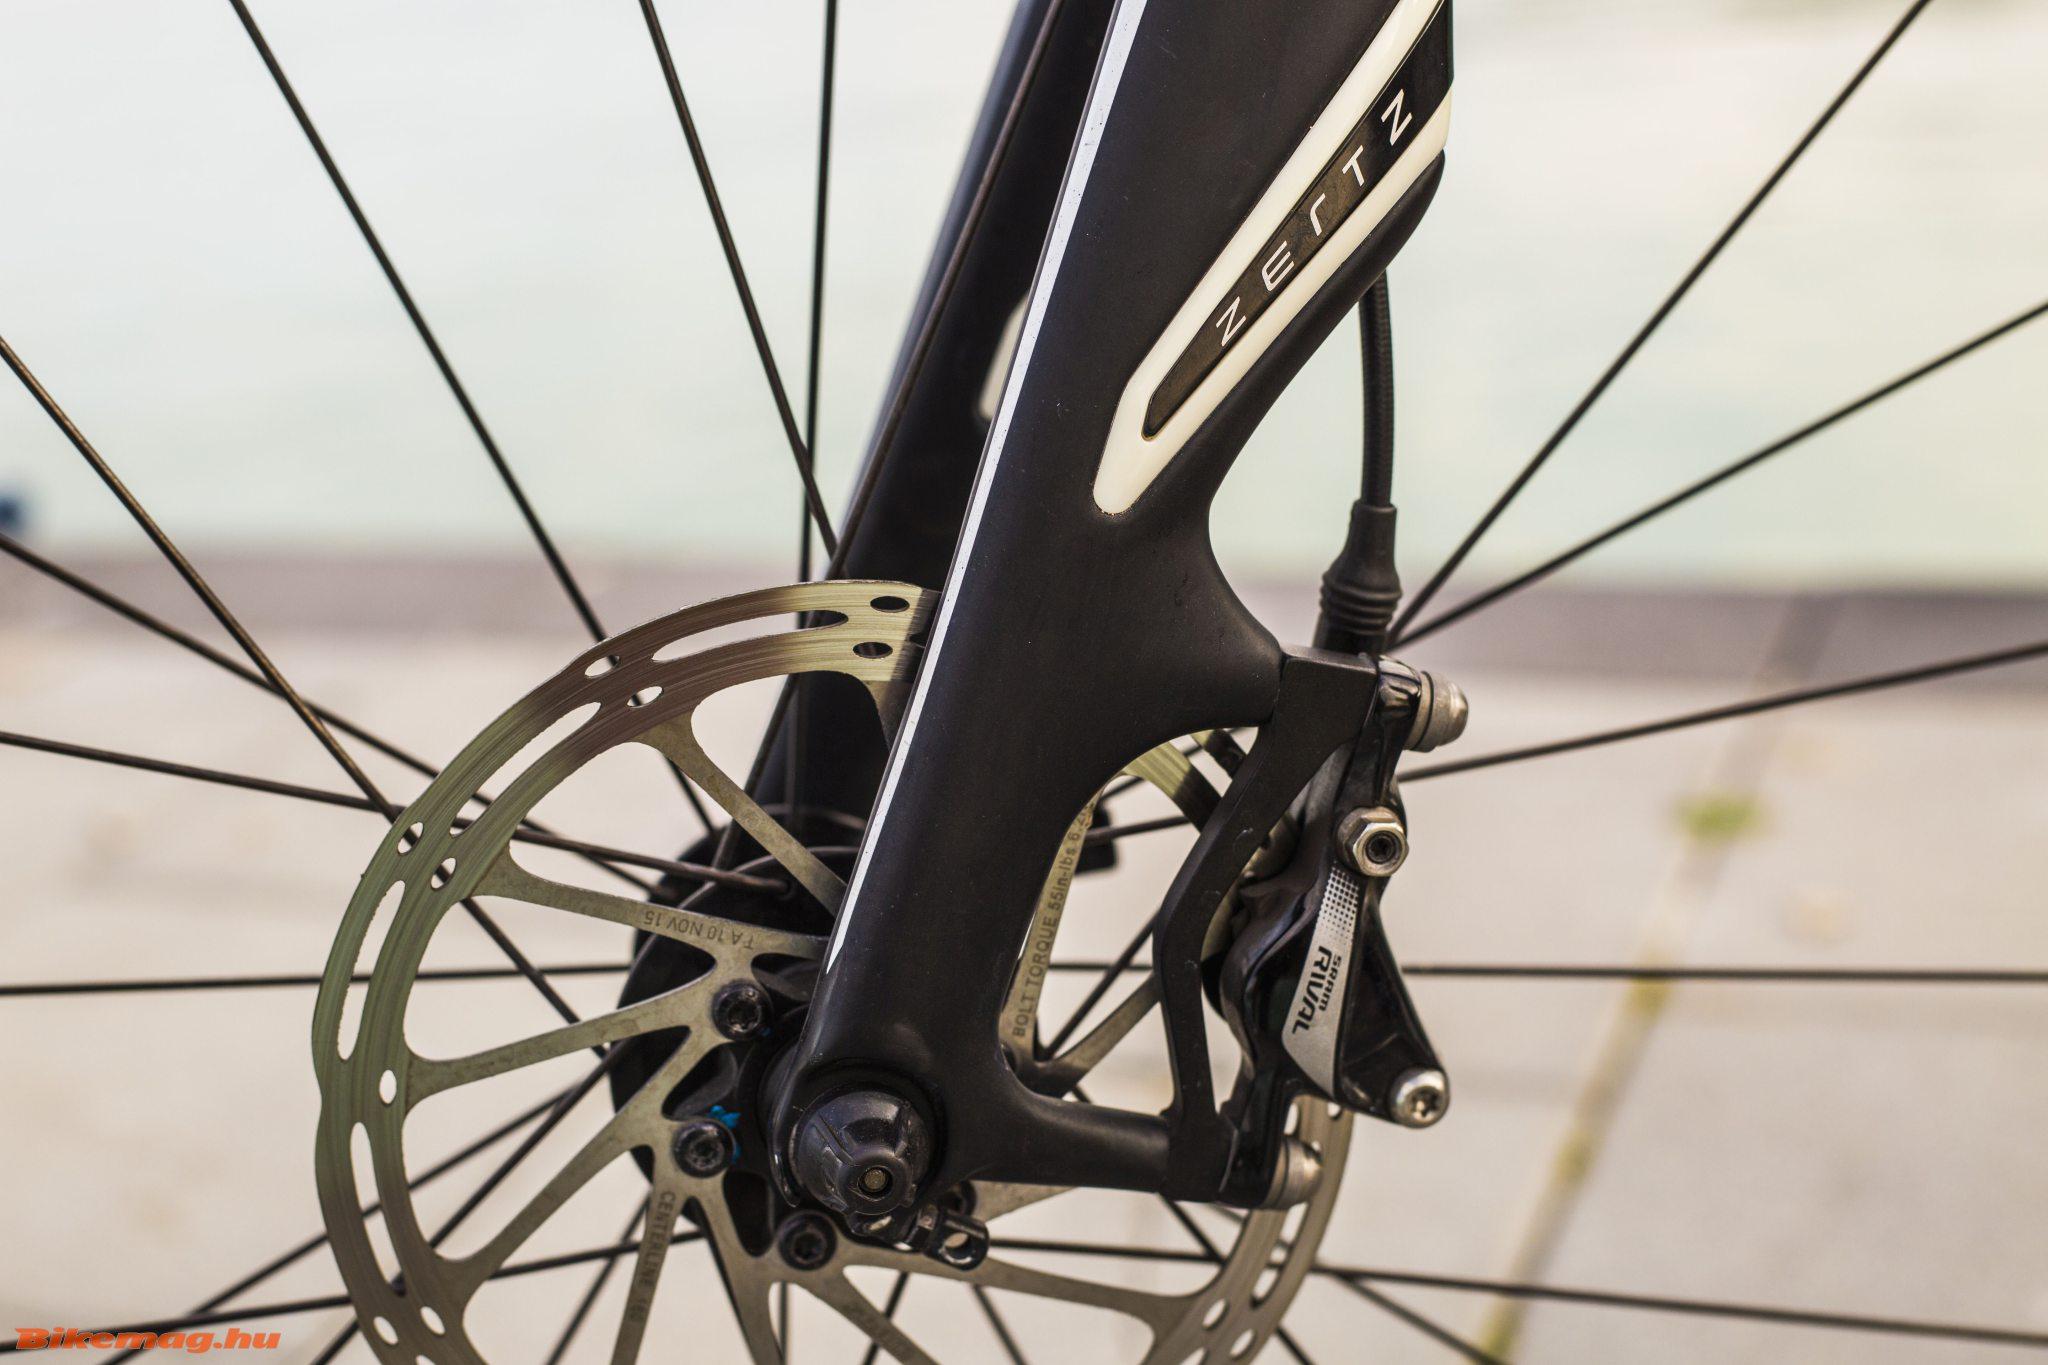 Specialized Roubaix SL4 Elite Disc - Zertz betét a villában, post mount fék és gyorszáras agy